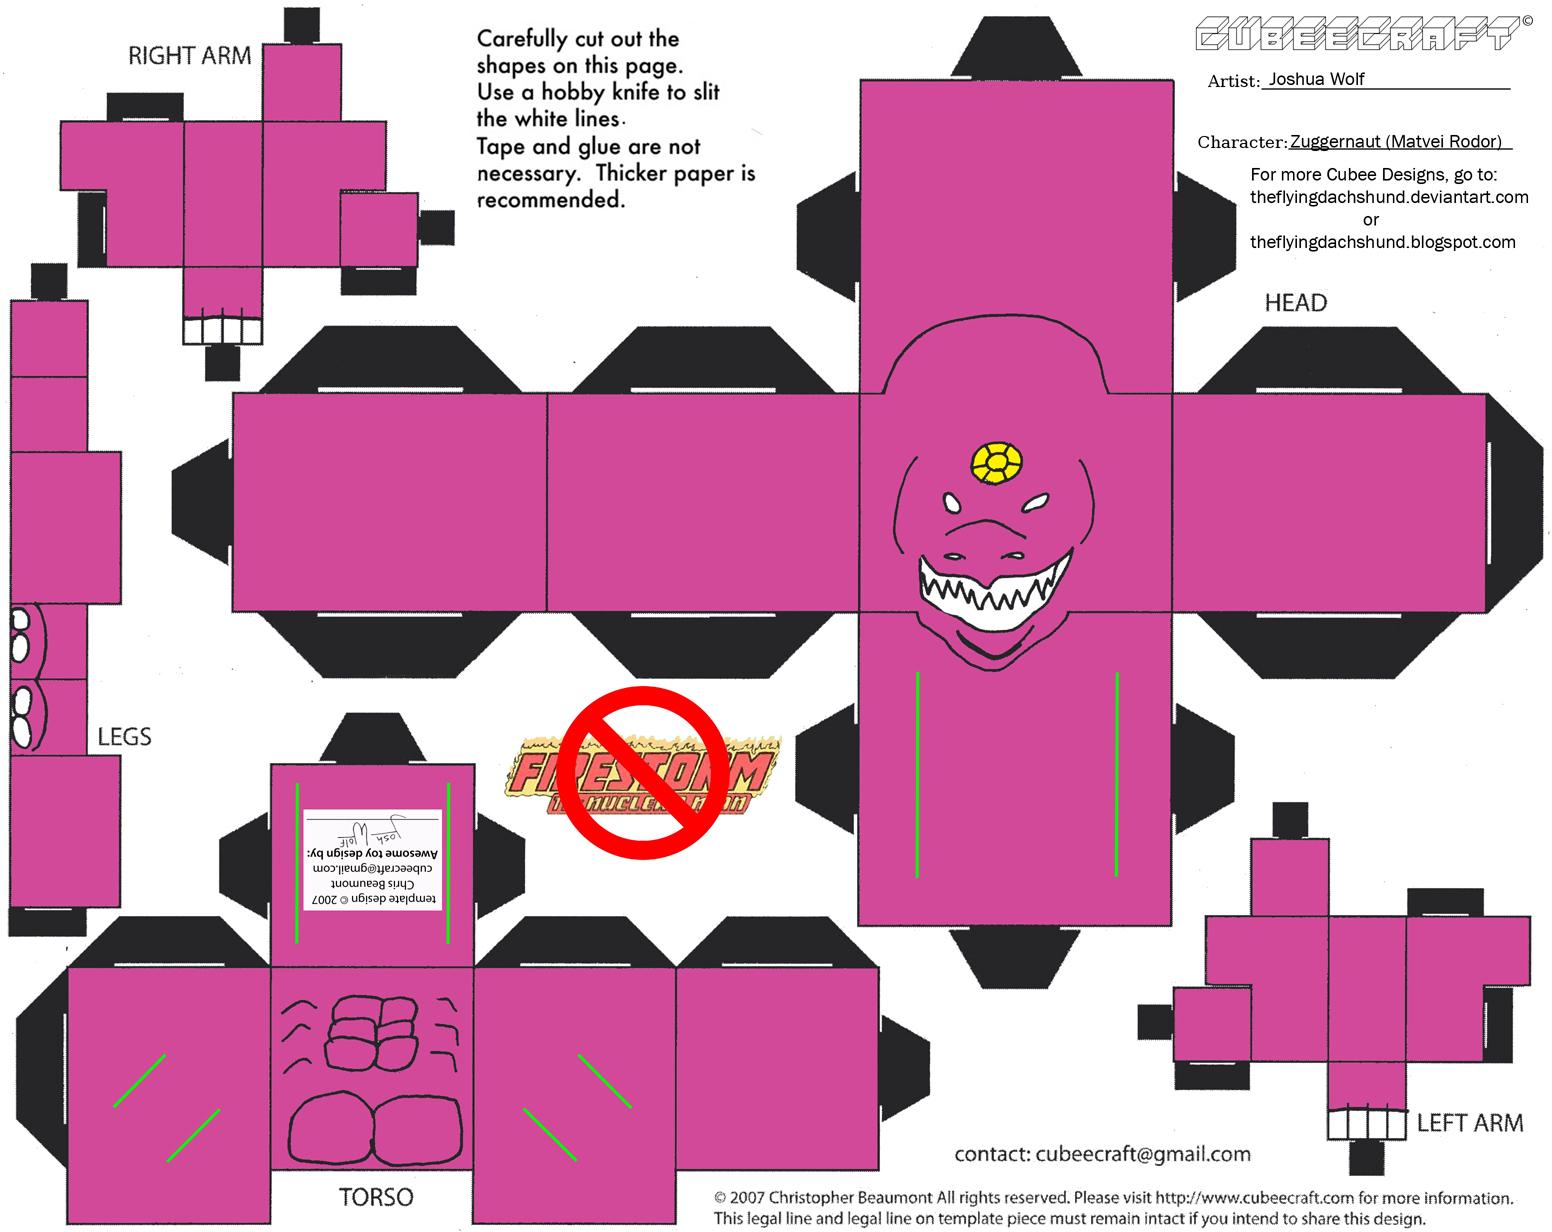 Vil21: Zuggernaut Cubee